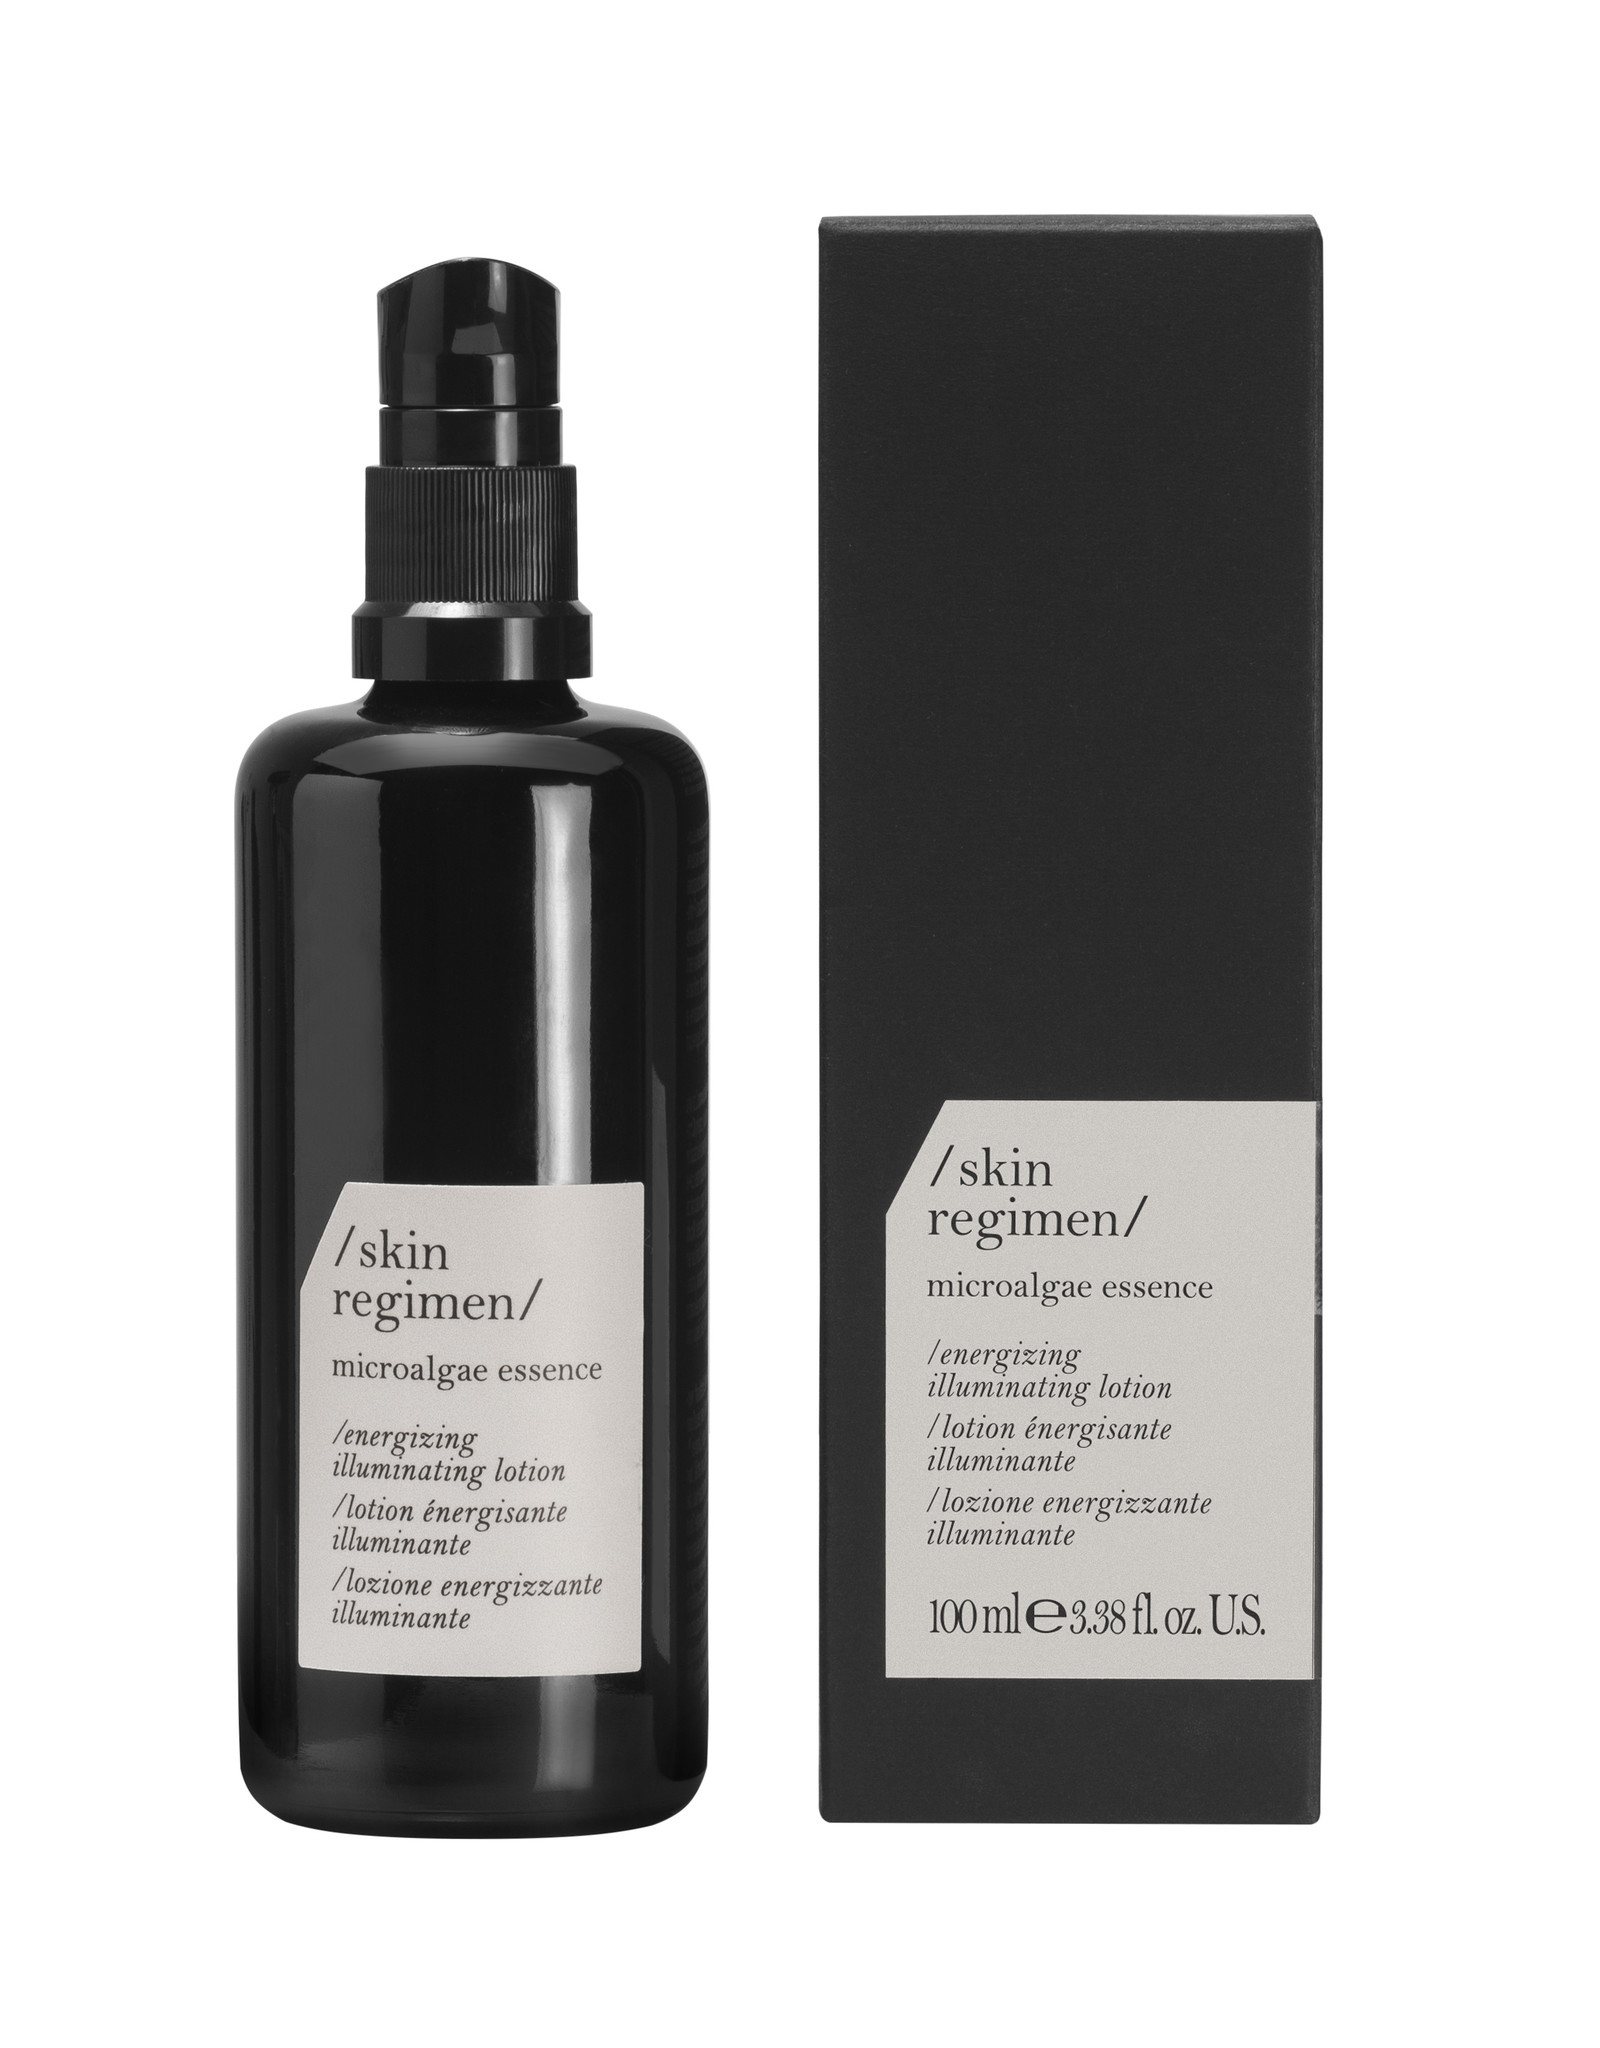 /Skin Regimen/ Microalgae Essence Dispenser 100 ml